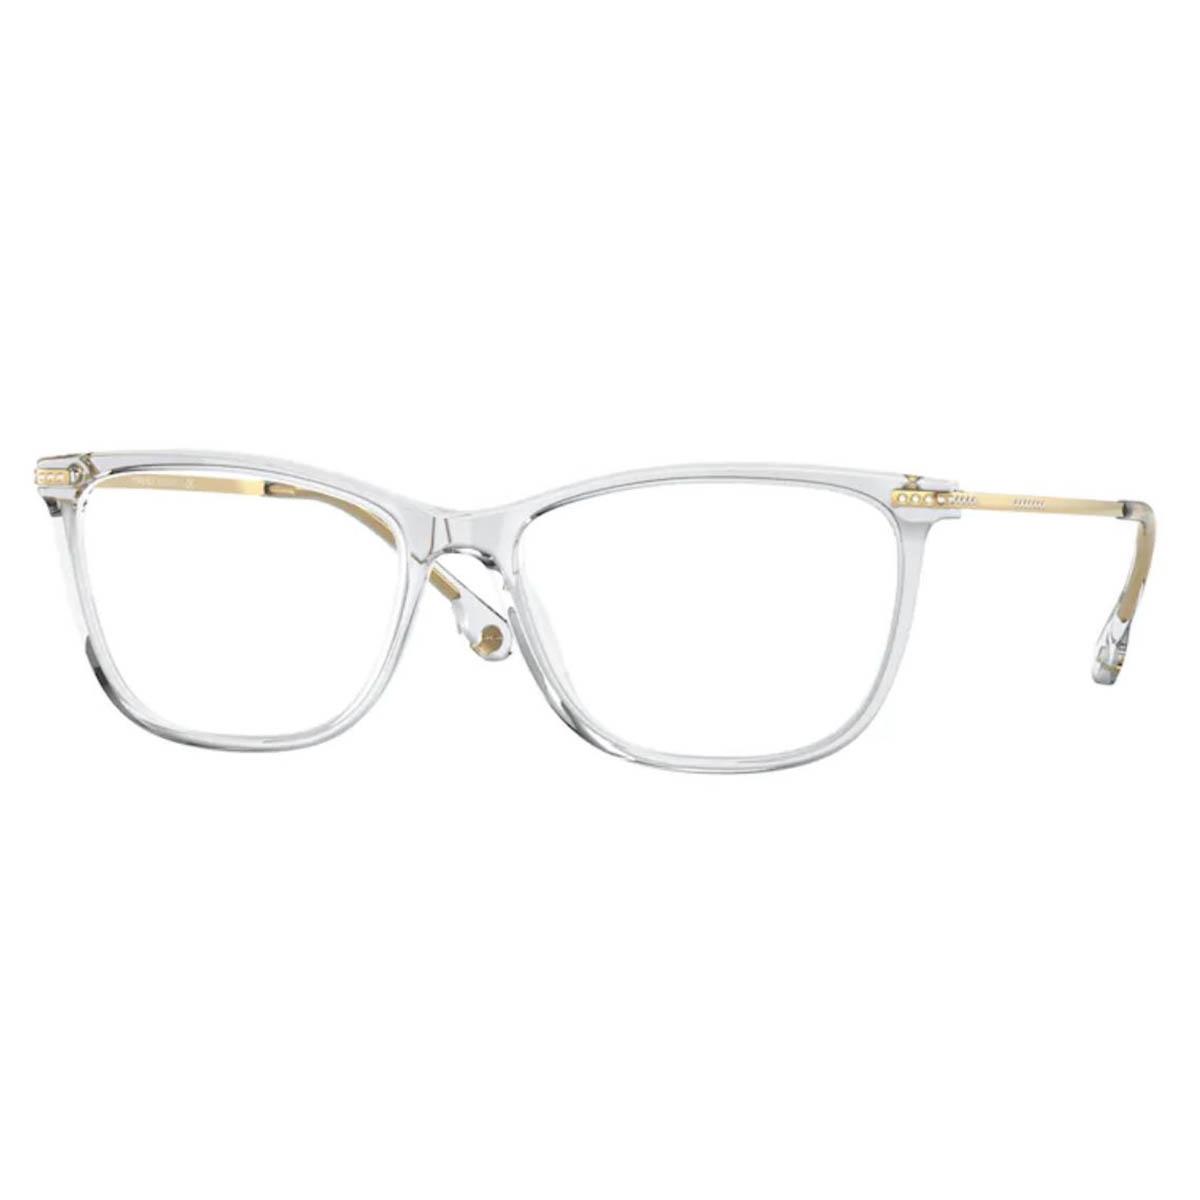 Óculos de Grau Versace VE3274B Transparente com Dourado